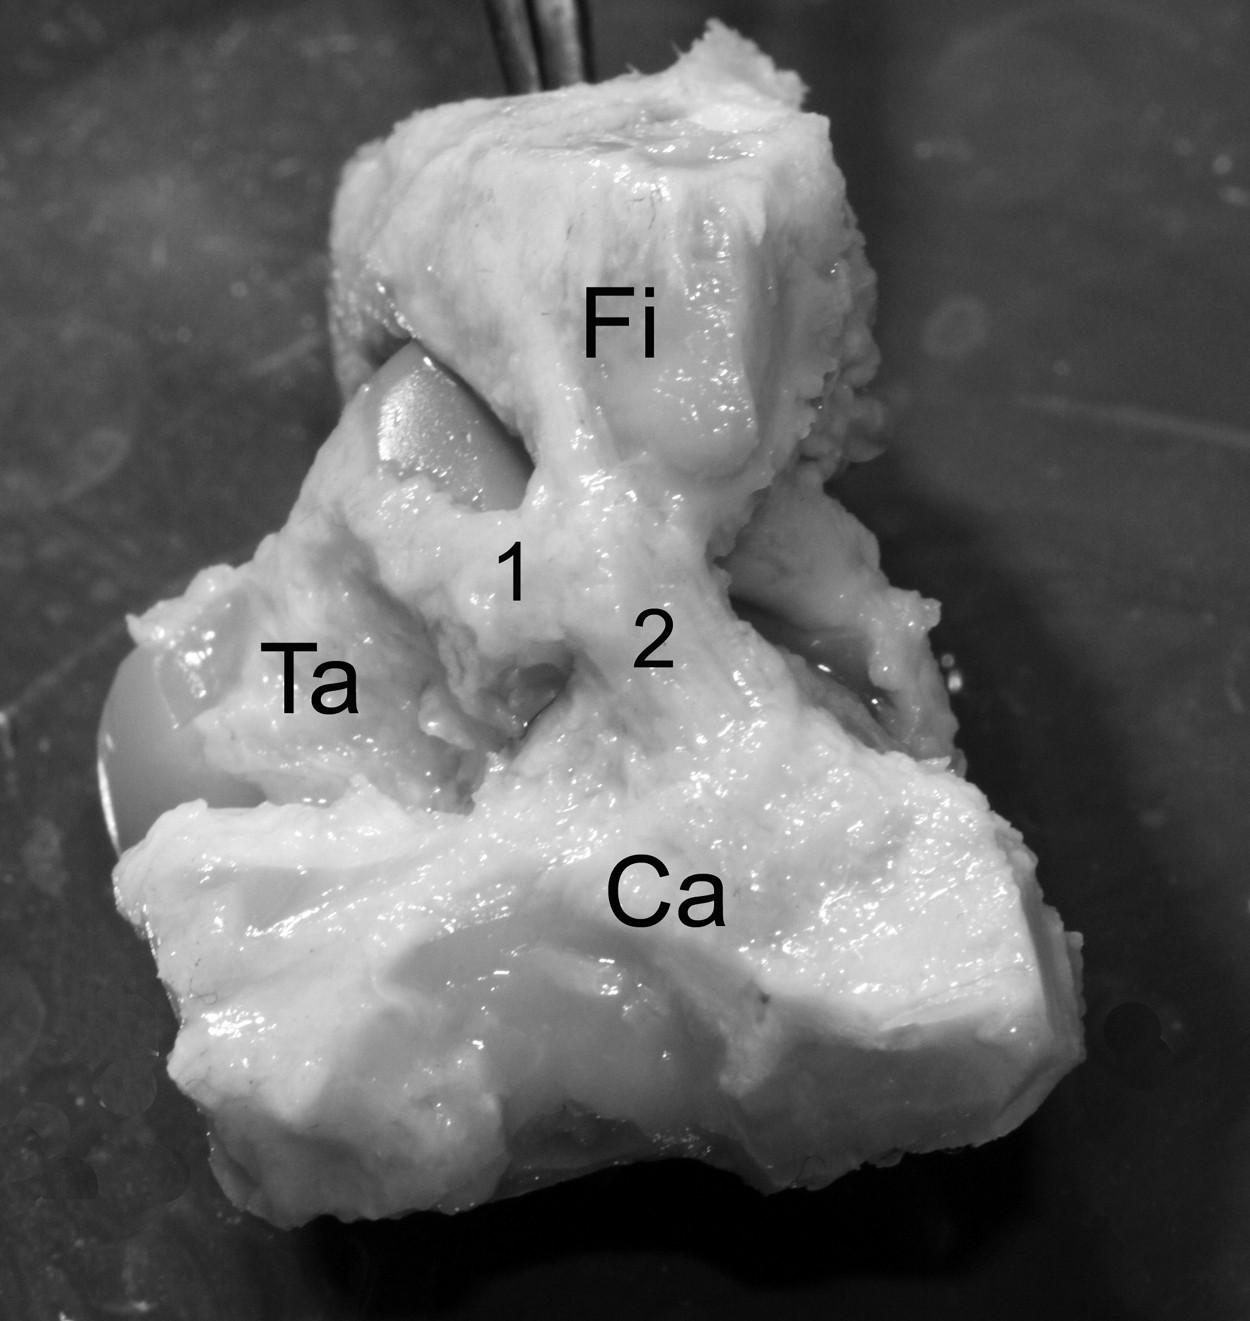 Pohled na laterální plochu hlezenního kloubu v prenatálním období. 1 – lig. fibulotalare ant. 2 – lig. fibulocalcaneare, Ca – calcaneus, Fi – fibula, Ta – talus, Ti – tibia